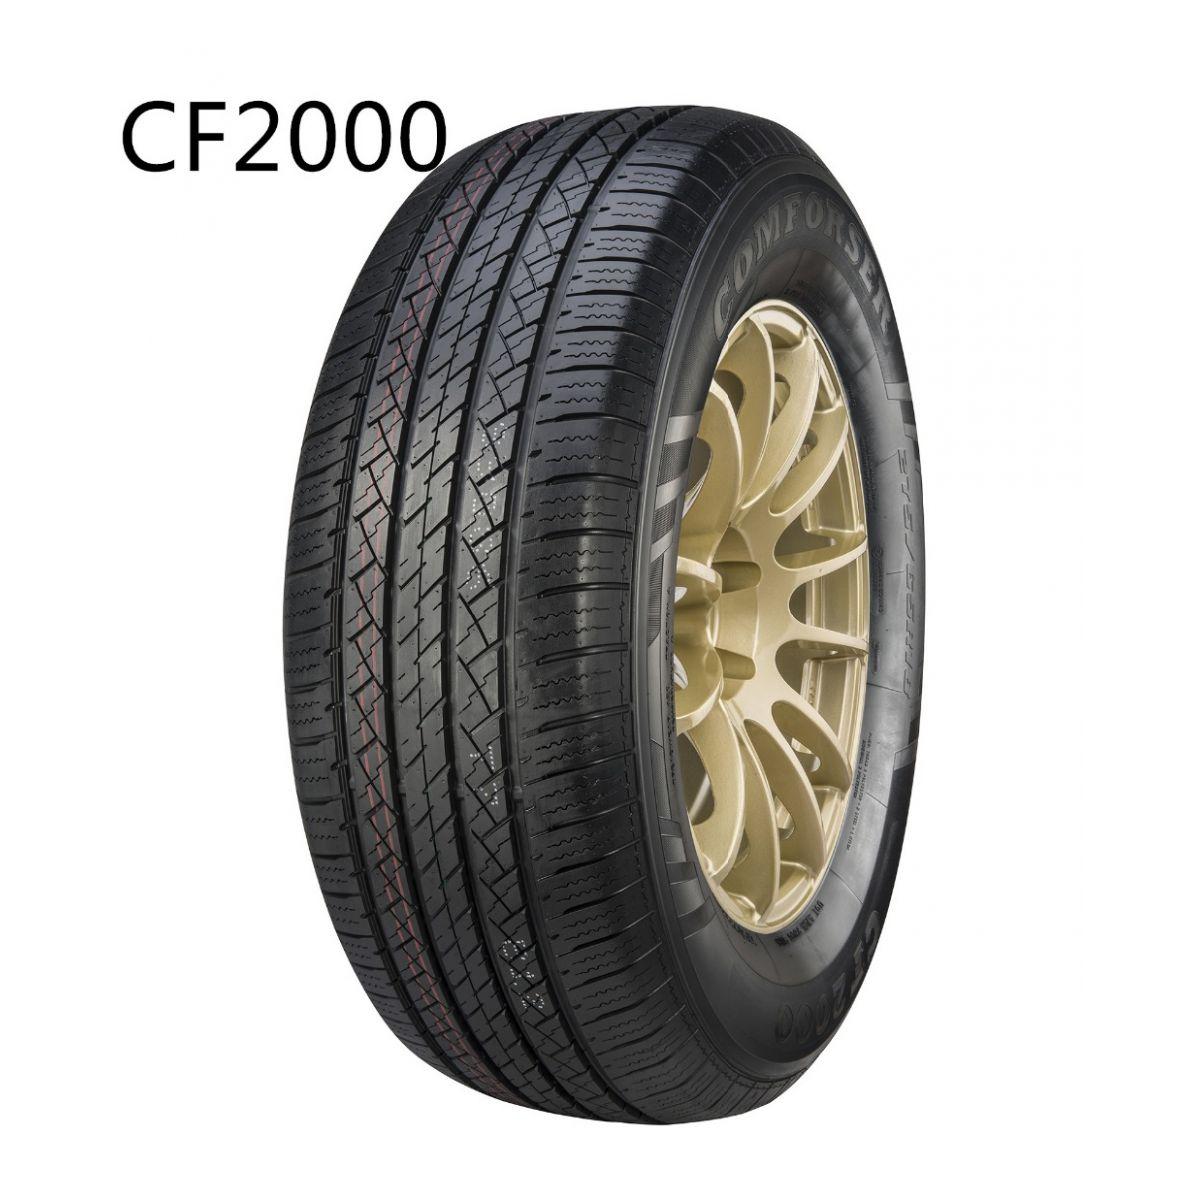 PNEU COMFORSER 265/70R16 112H CF2000 HT